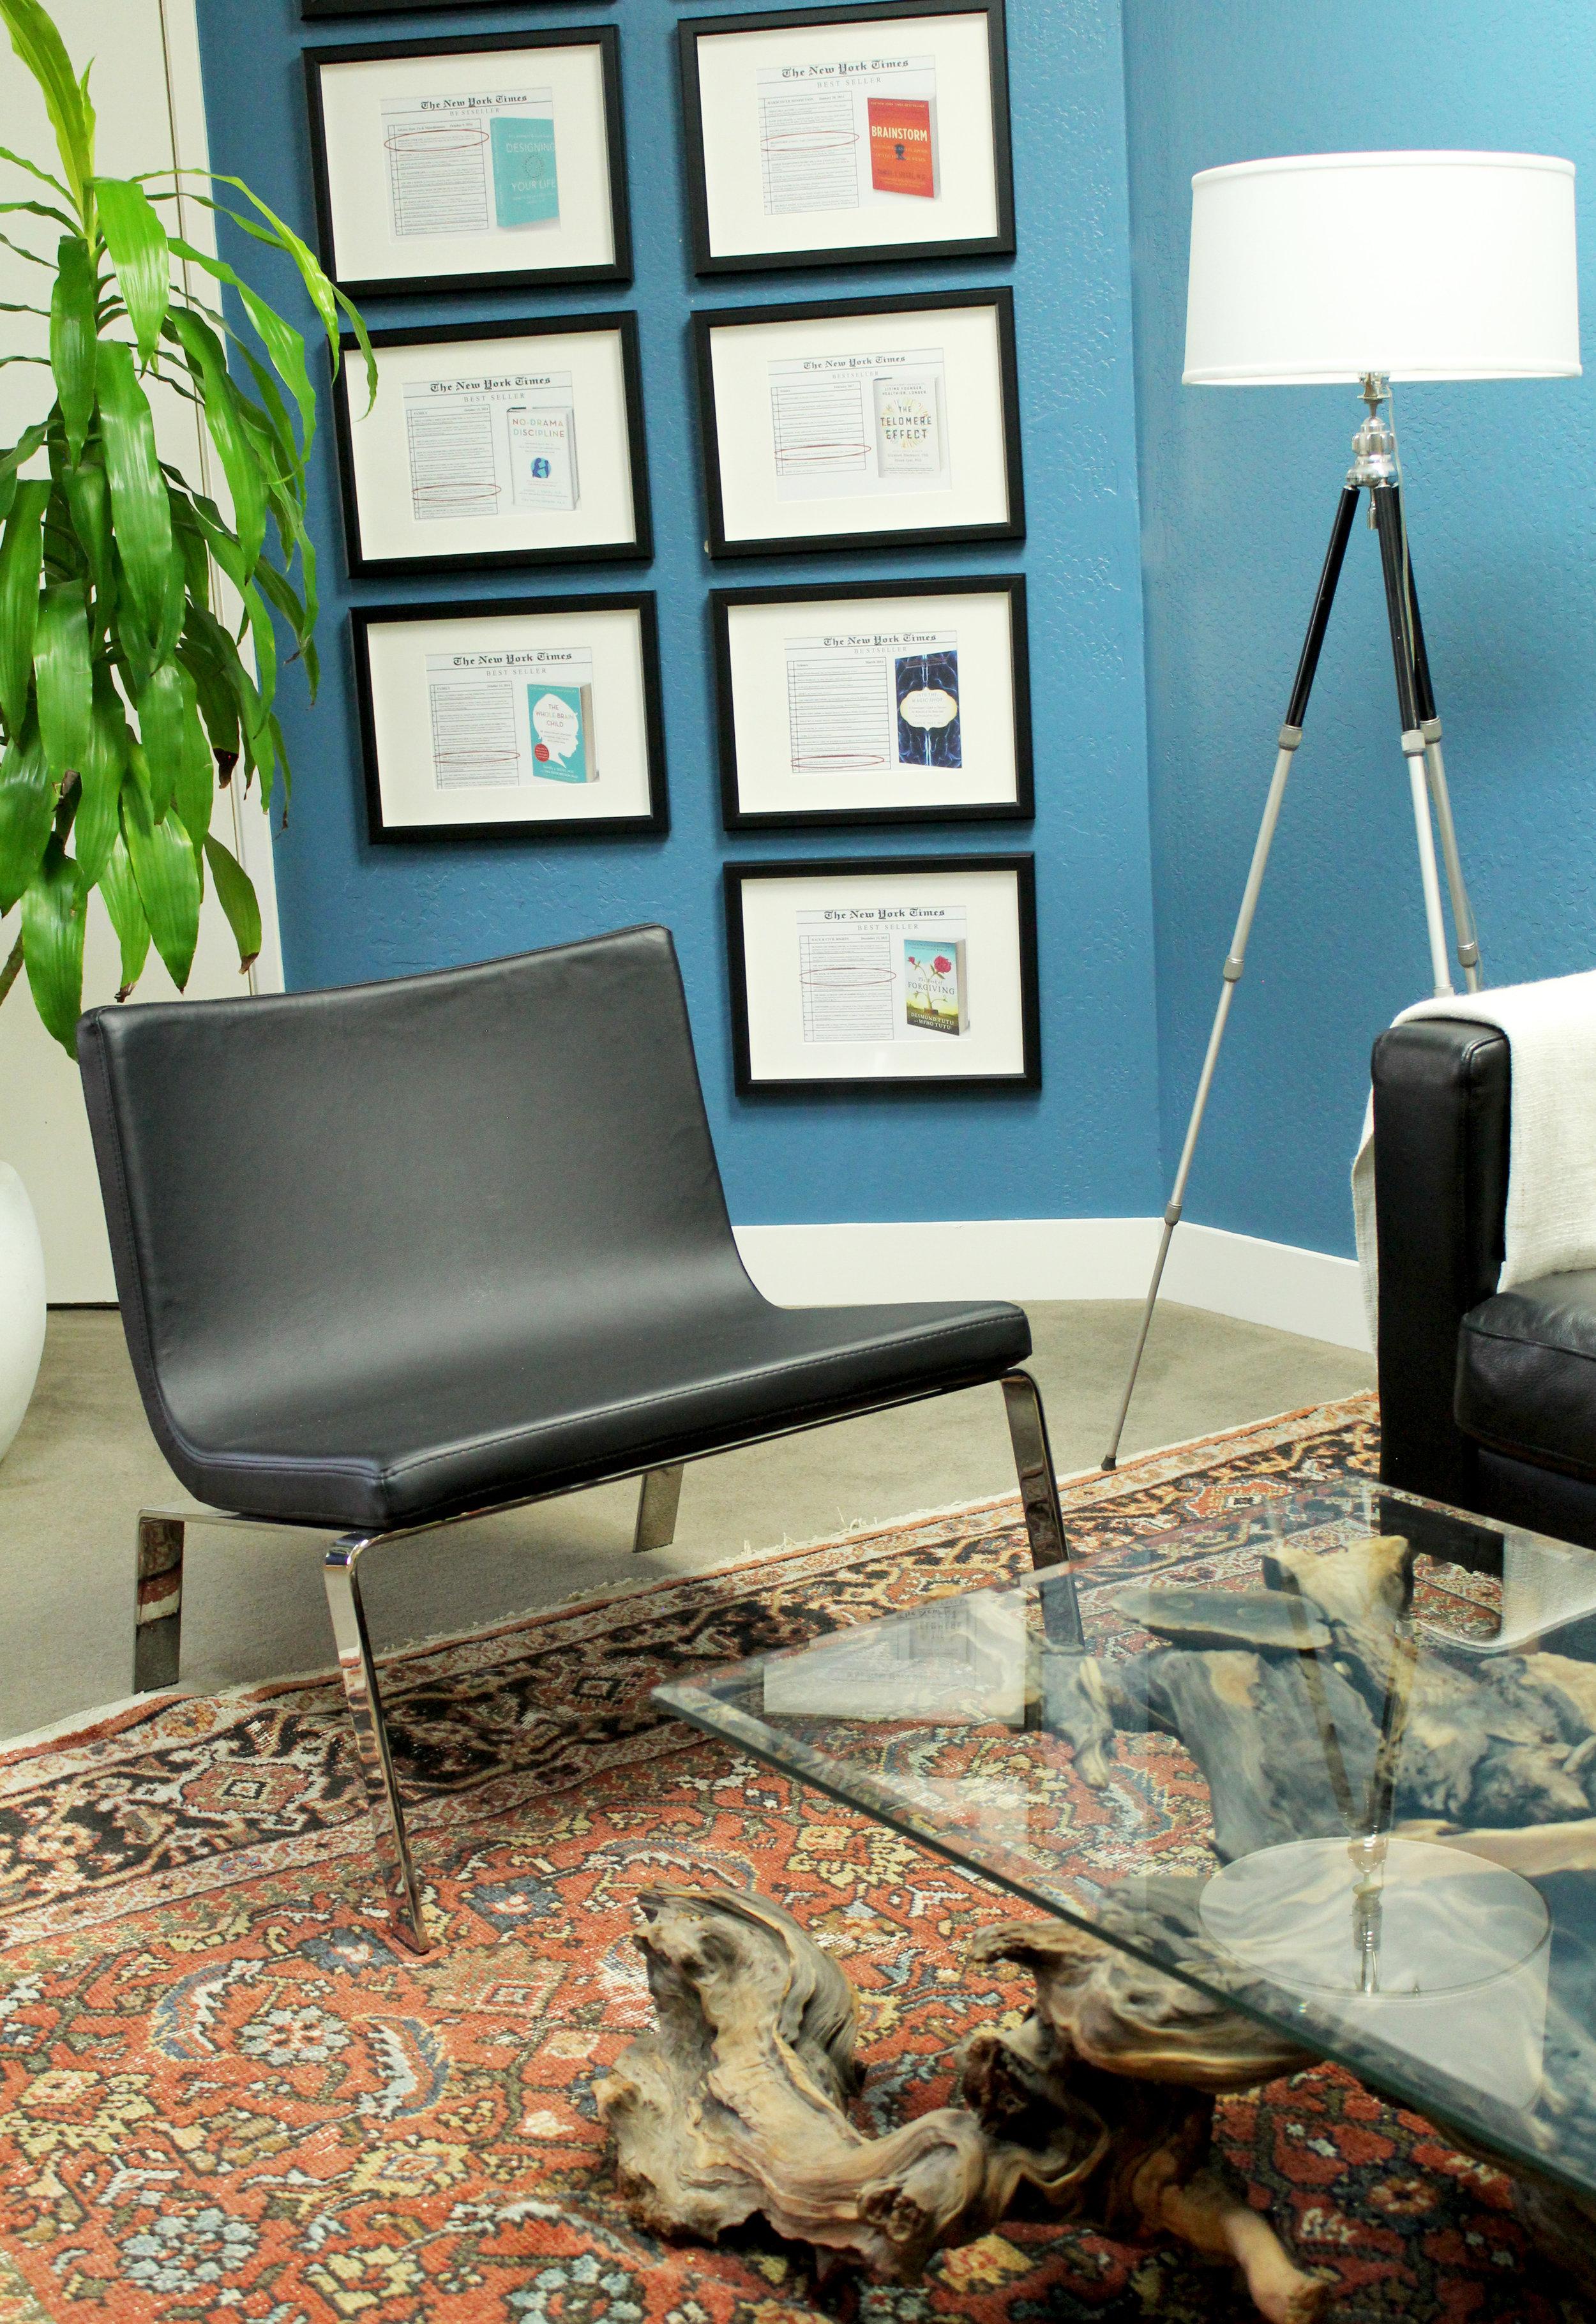 blu dot chair.jpg